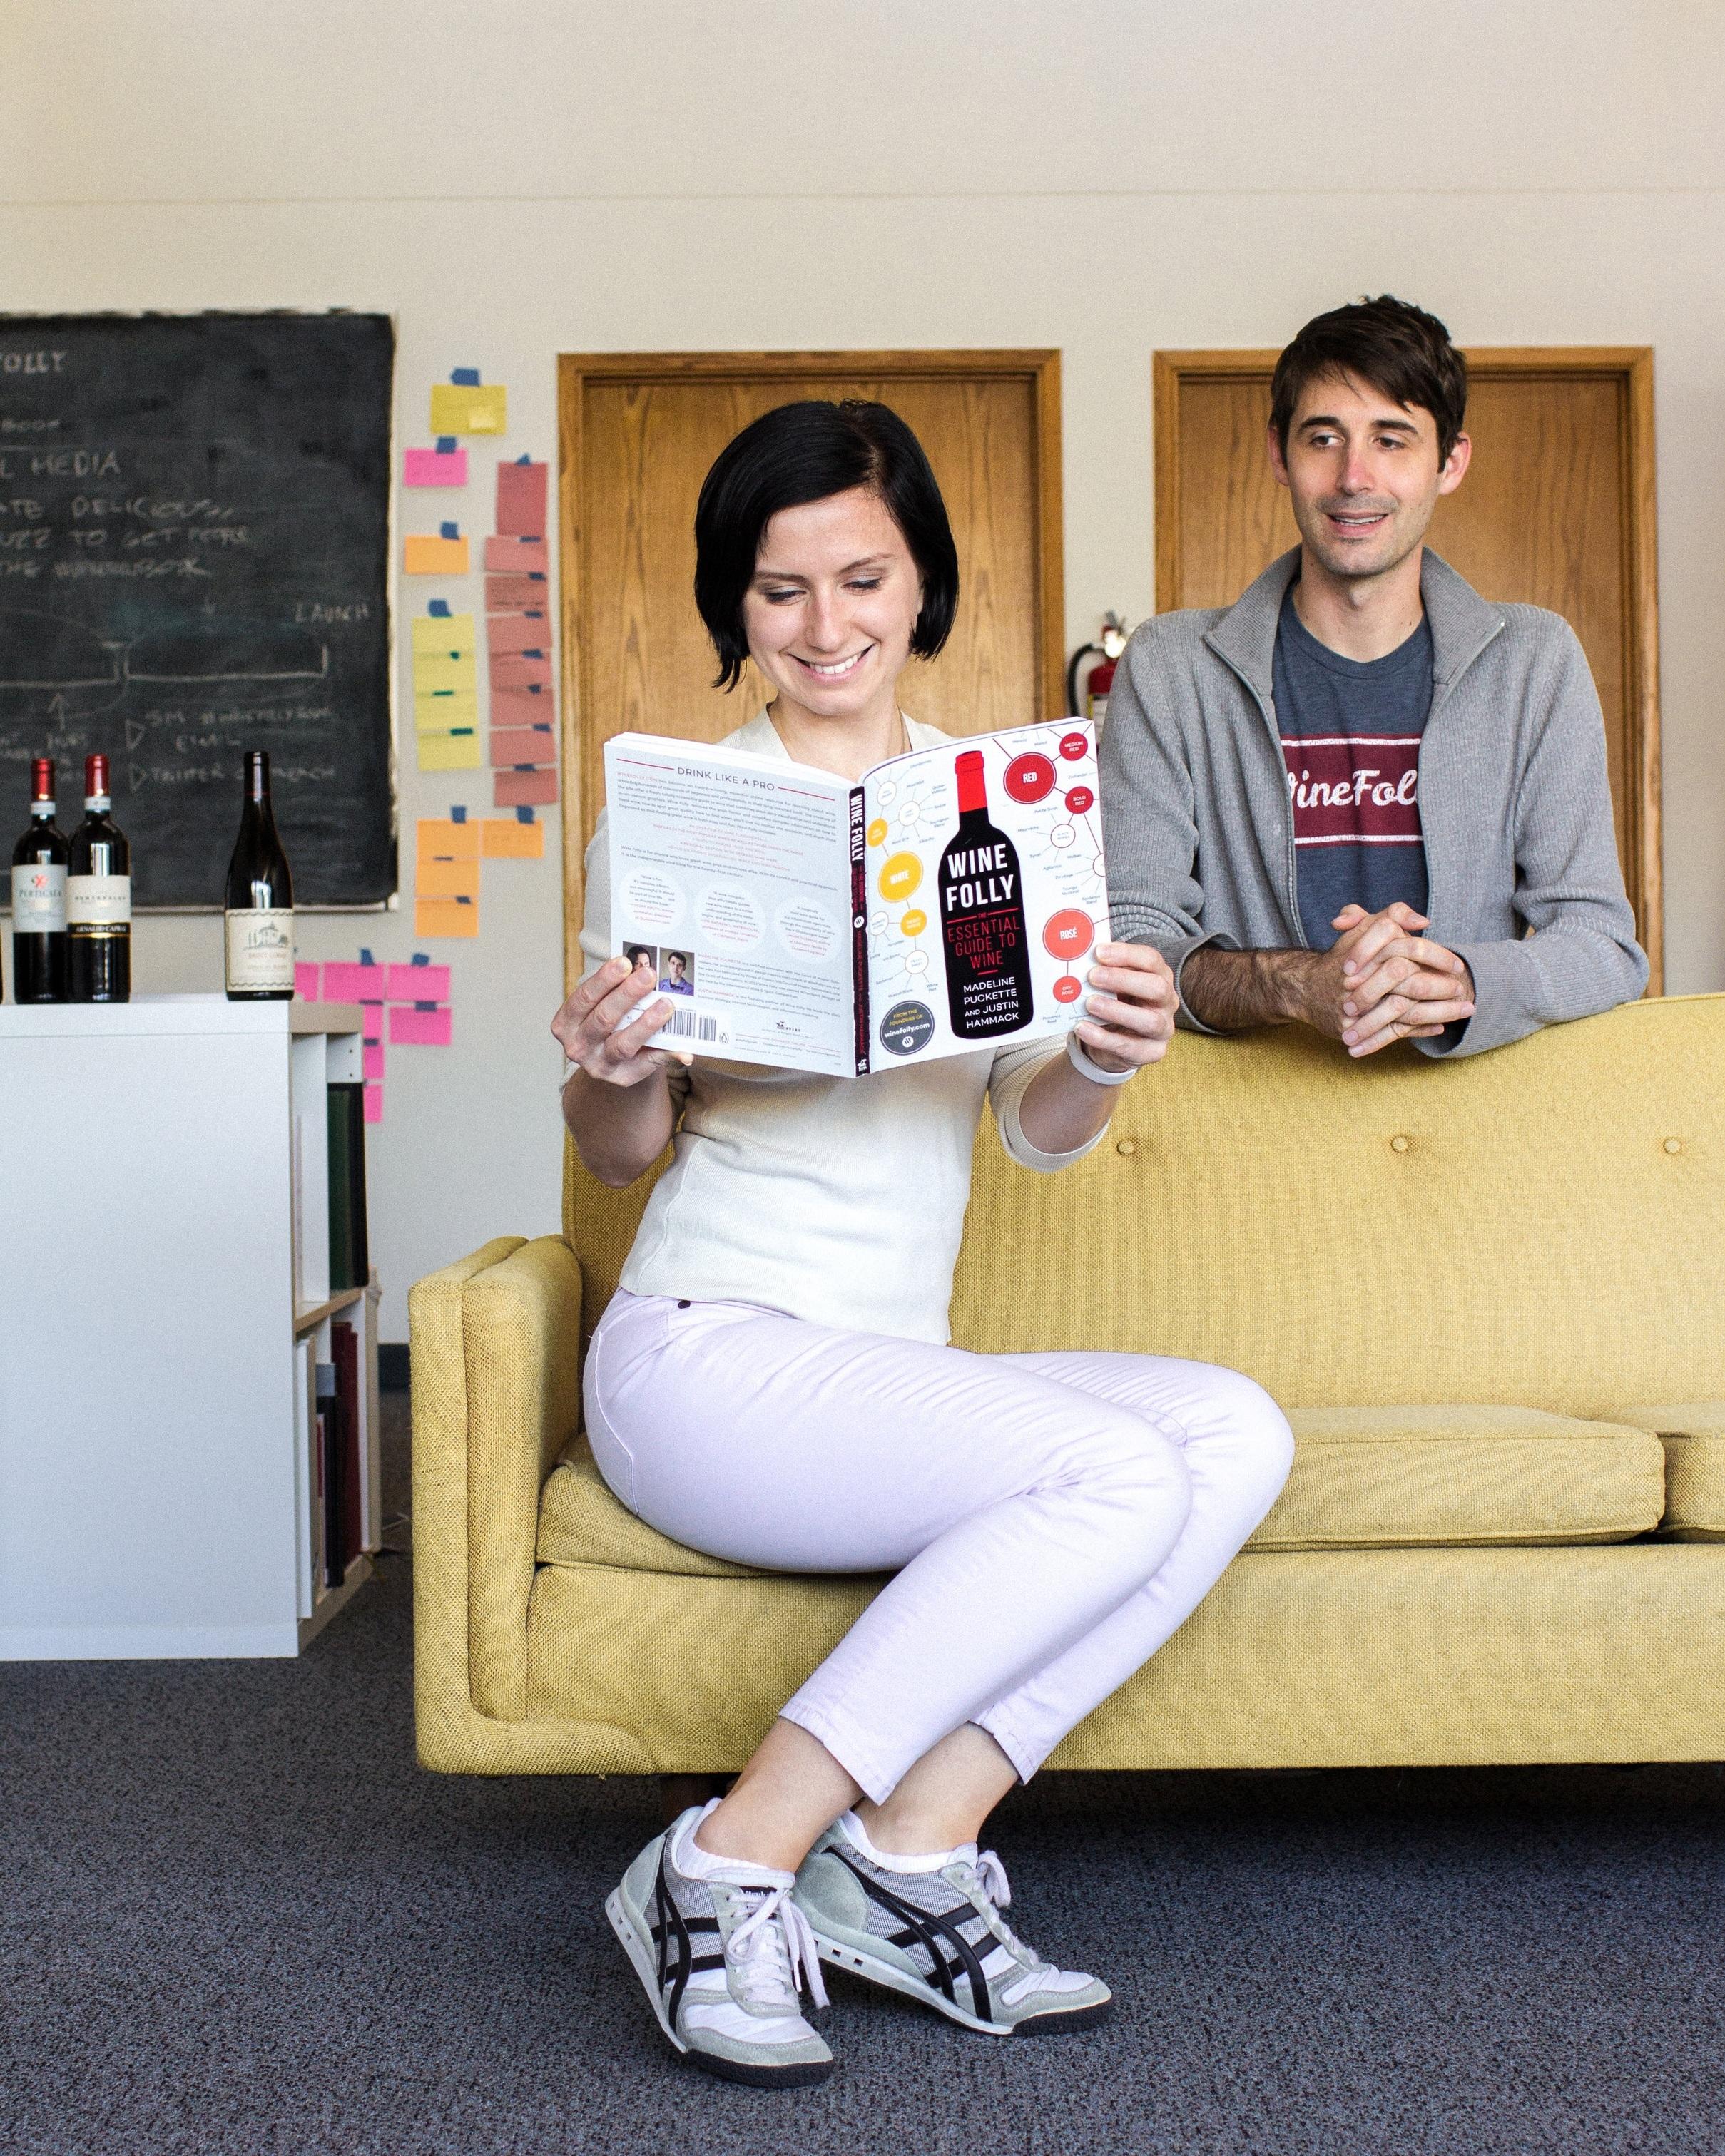 Apenas 2 anos após fundar a Wine Folly, Madeline publicou seu primeiro livro, que logo entrou para a lista dos mais vendidos do New York Times (Crédito: Wine Folly)